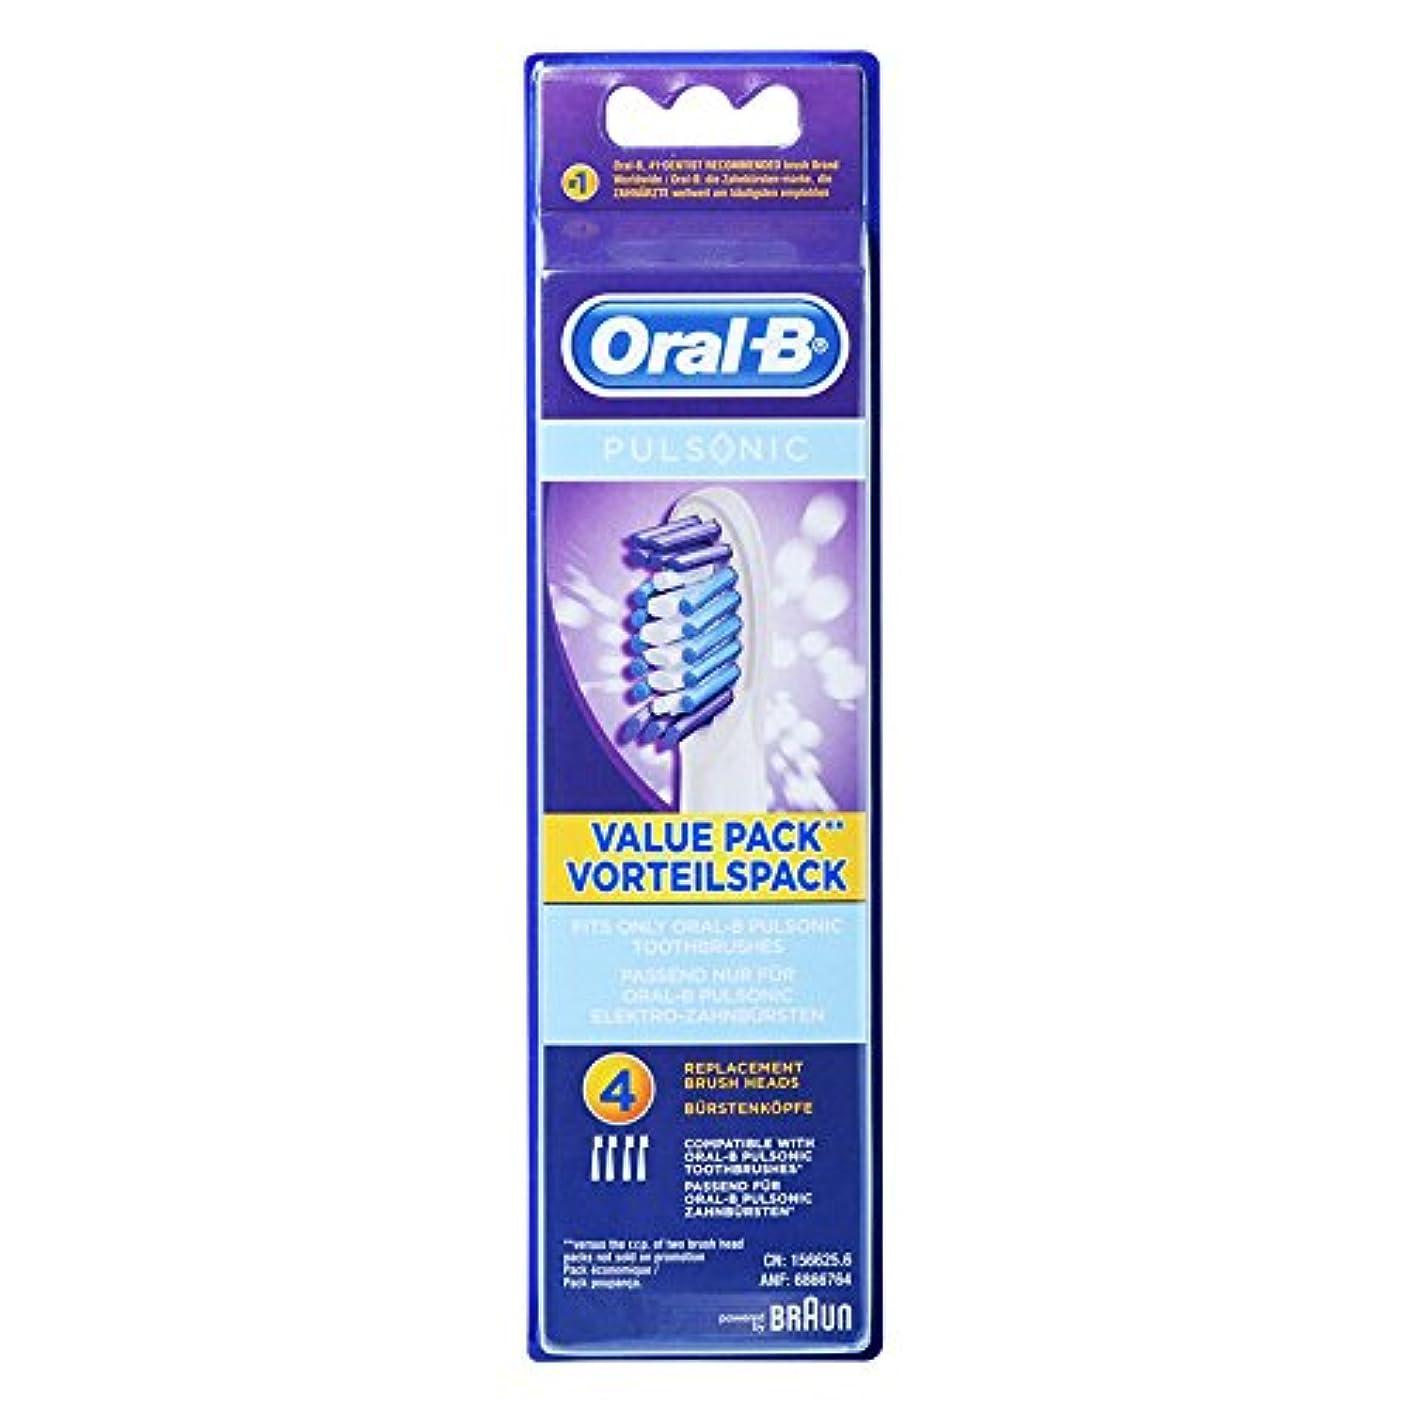 死んでいる観察する立法Braun Oral-B SR32-4 Pulsonic Value Pack 交換用ブラシヘッド 1Pack [並行輸入品]